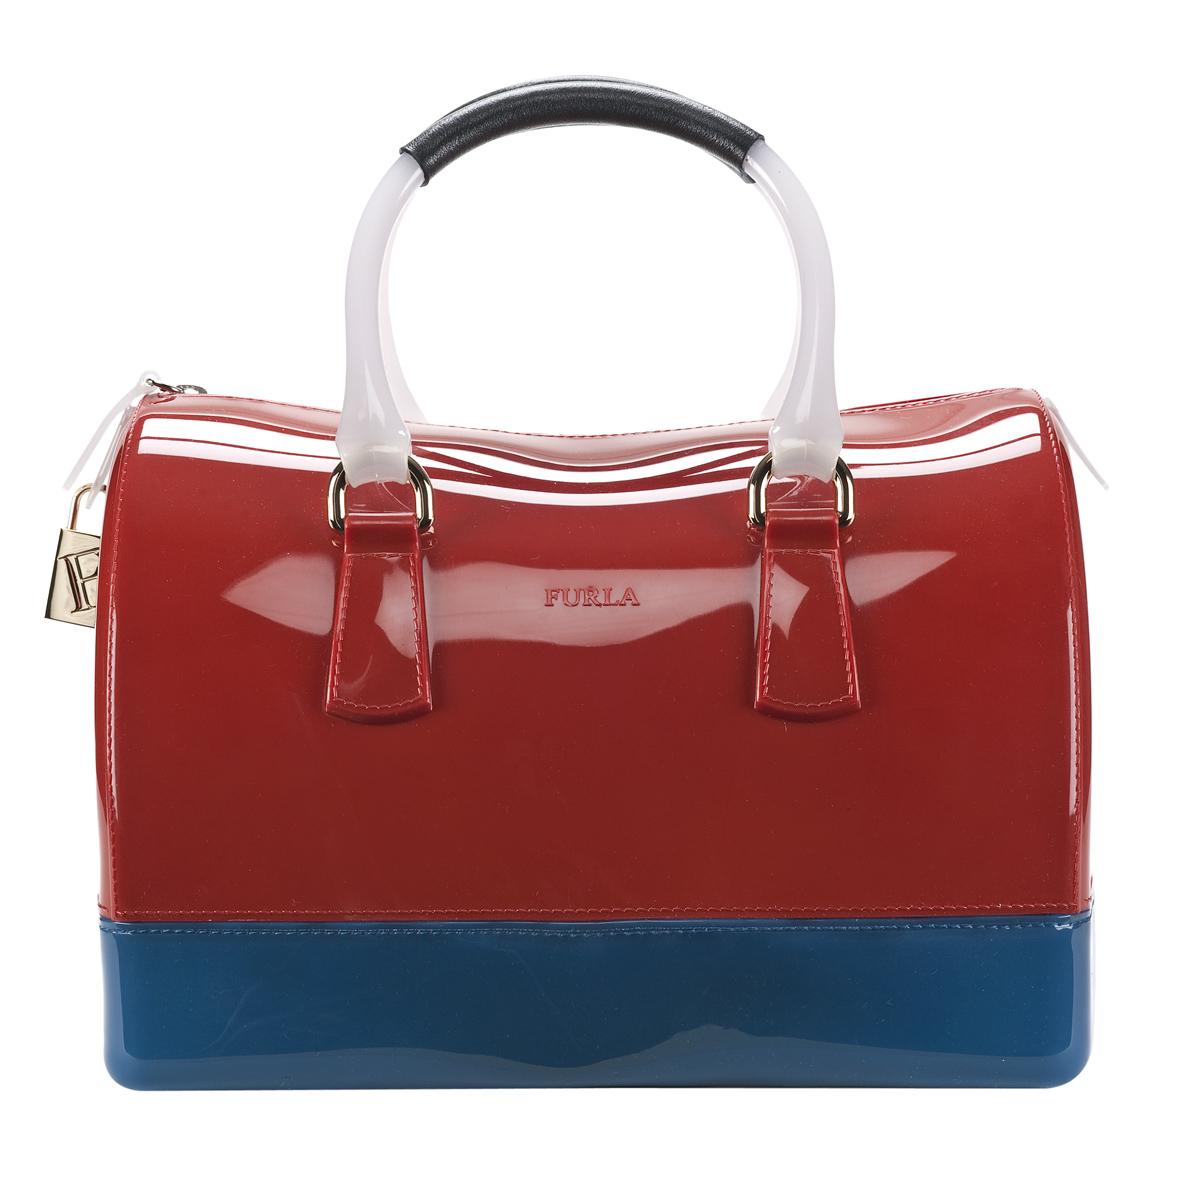 Итальянская компания Furla выпустила круизную коллекцию сумок.  Коллекция посвящена морскому отдыху и всем...